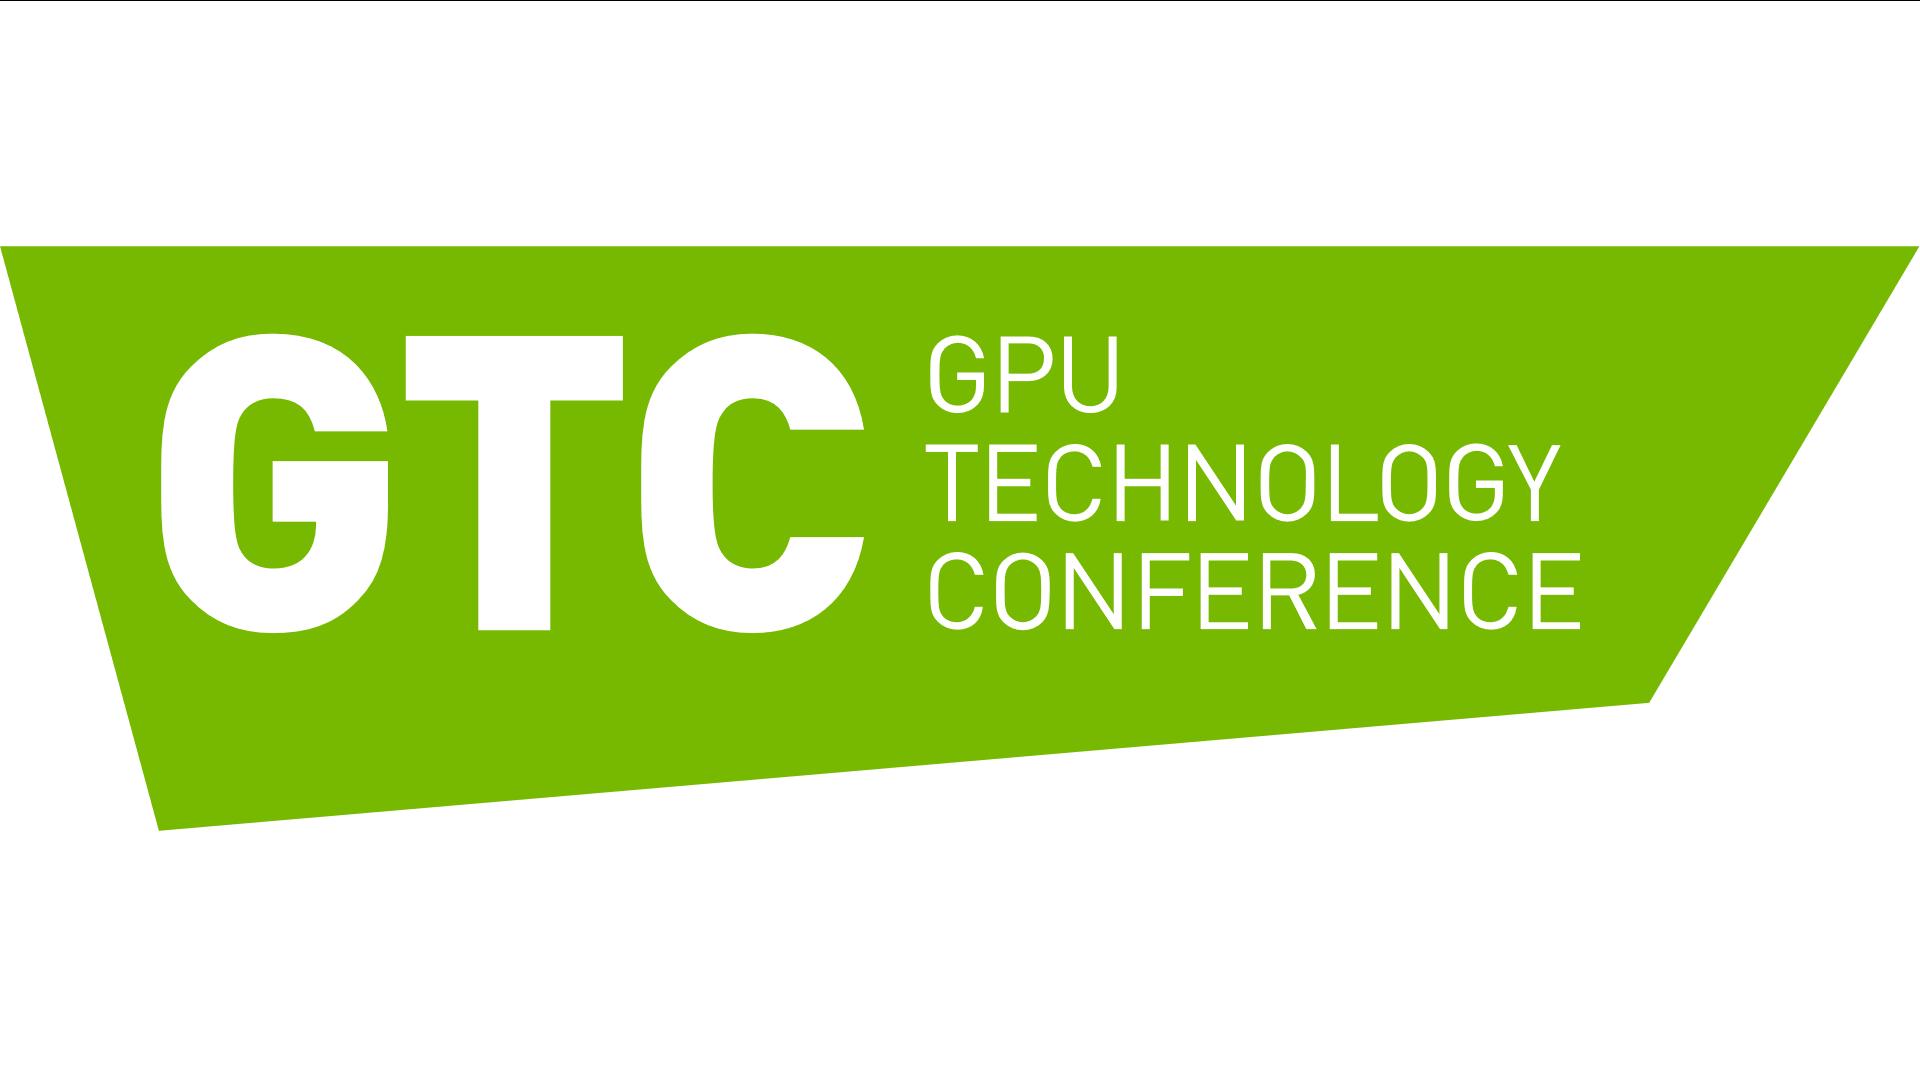 GTC – GPU TECHNOLOGY CONFERENCE